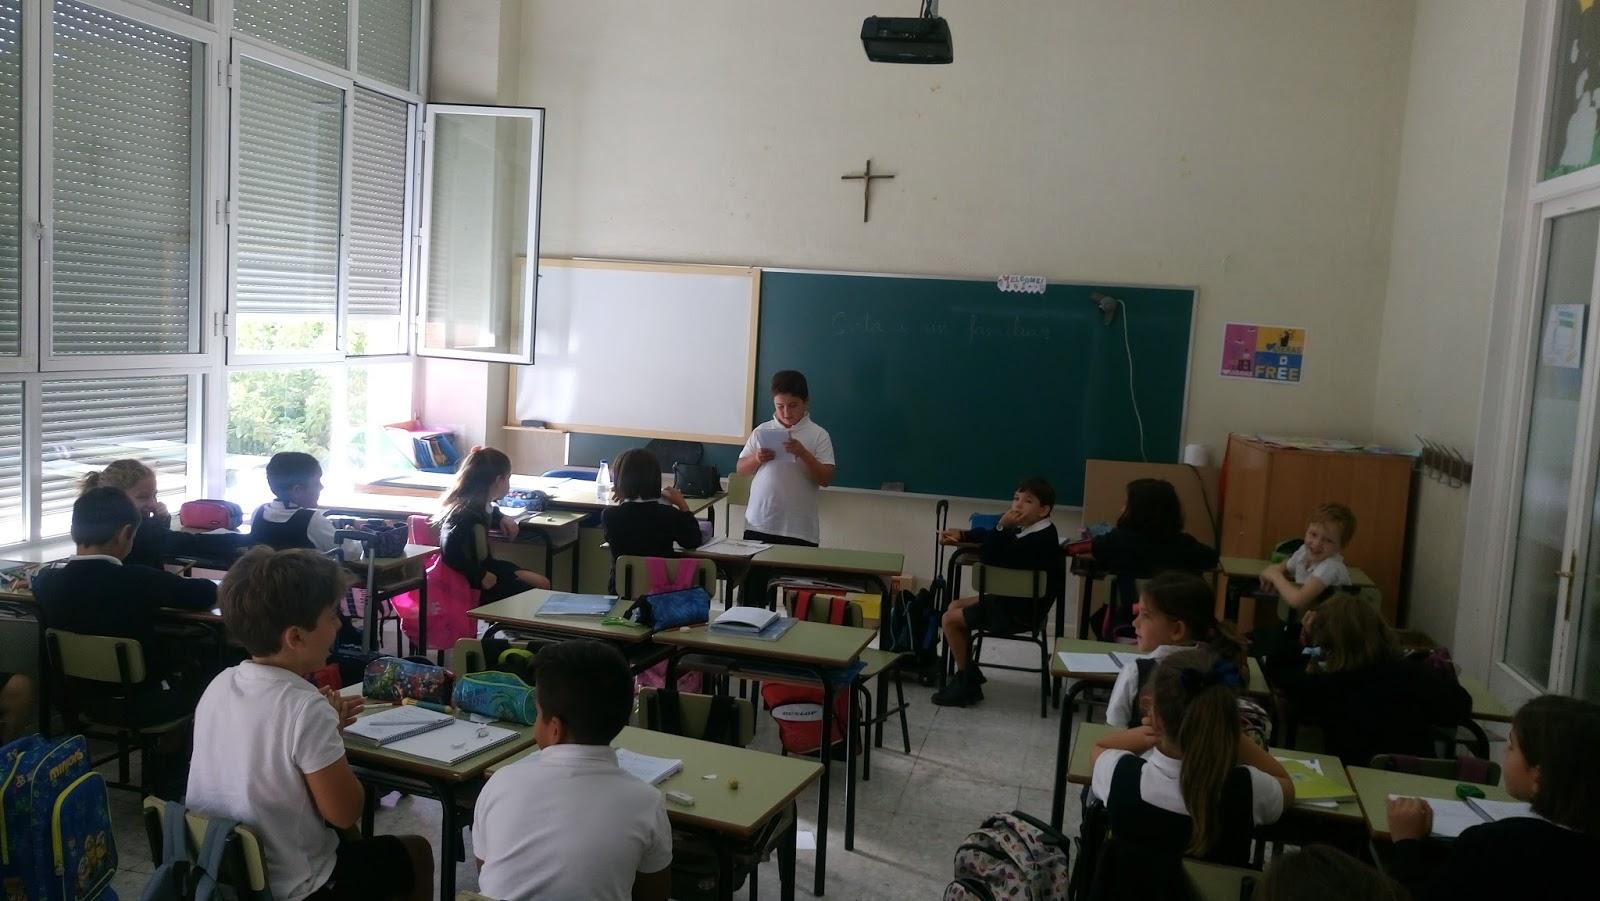 Nuestra clase 3 oratoria 3 a for En nuestra clase